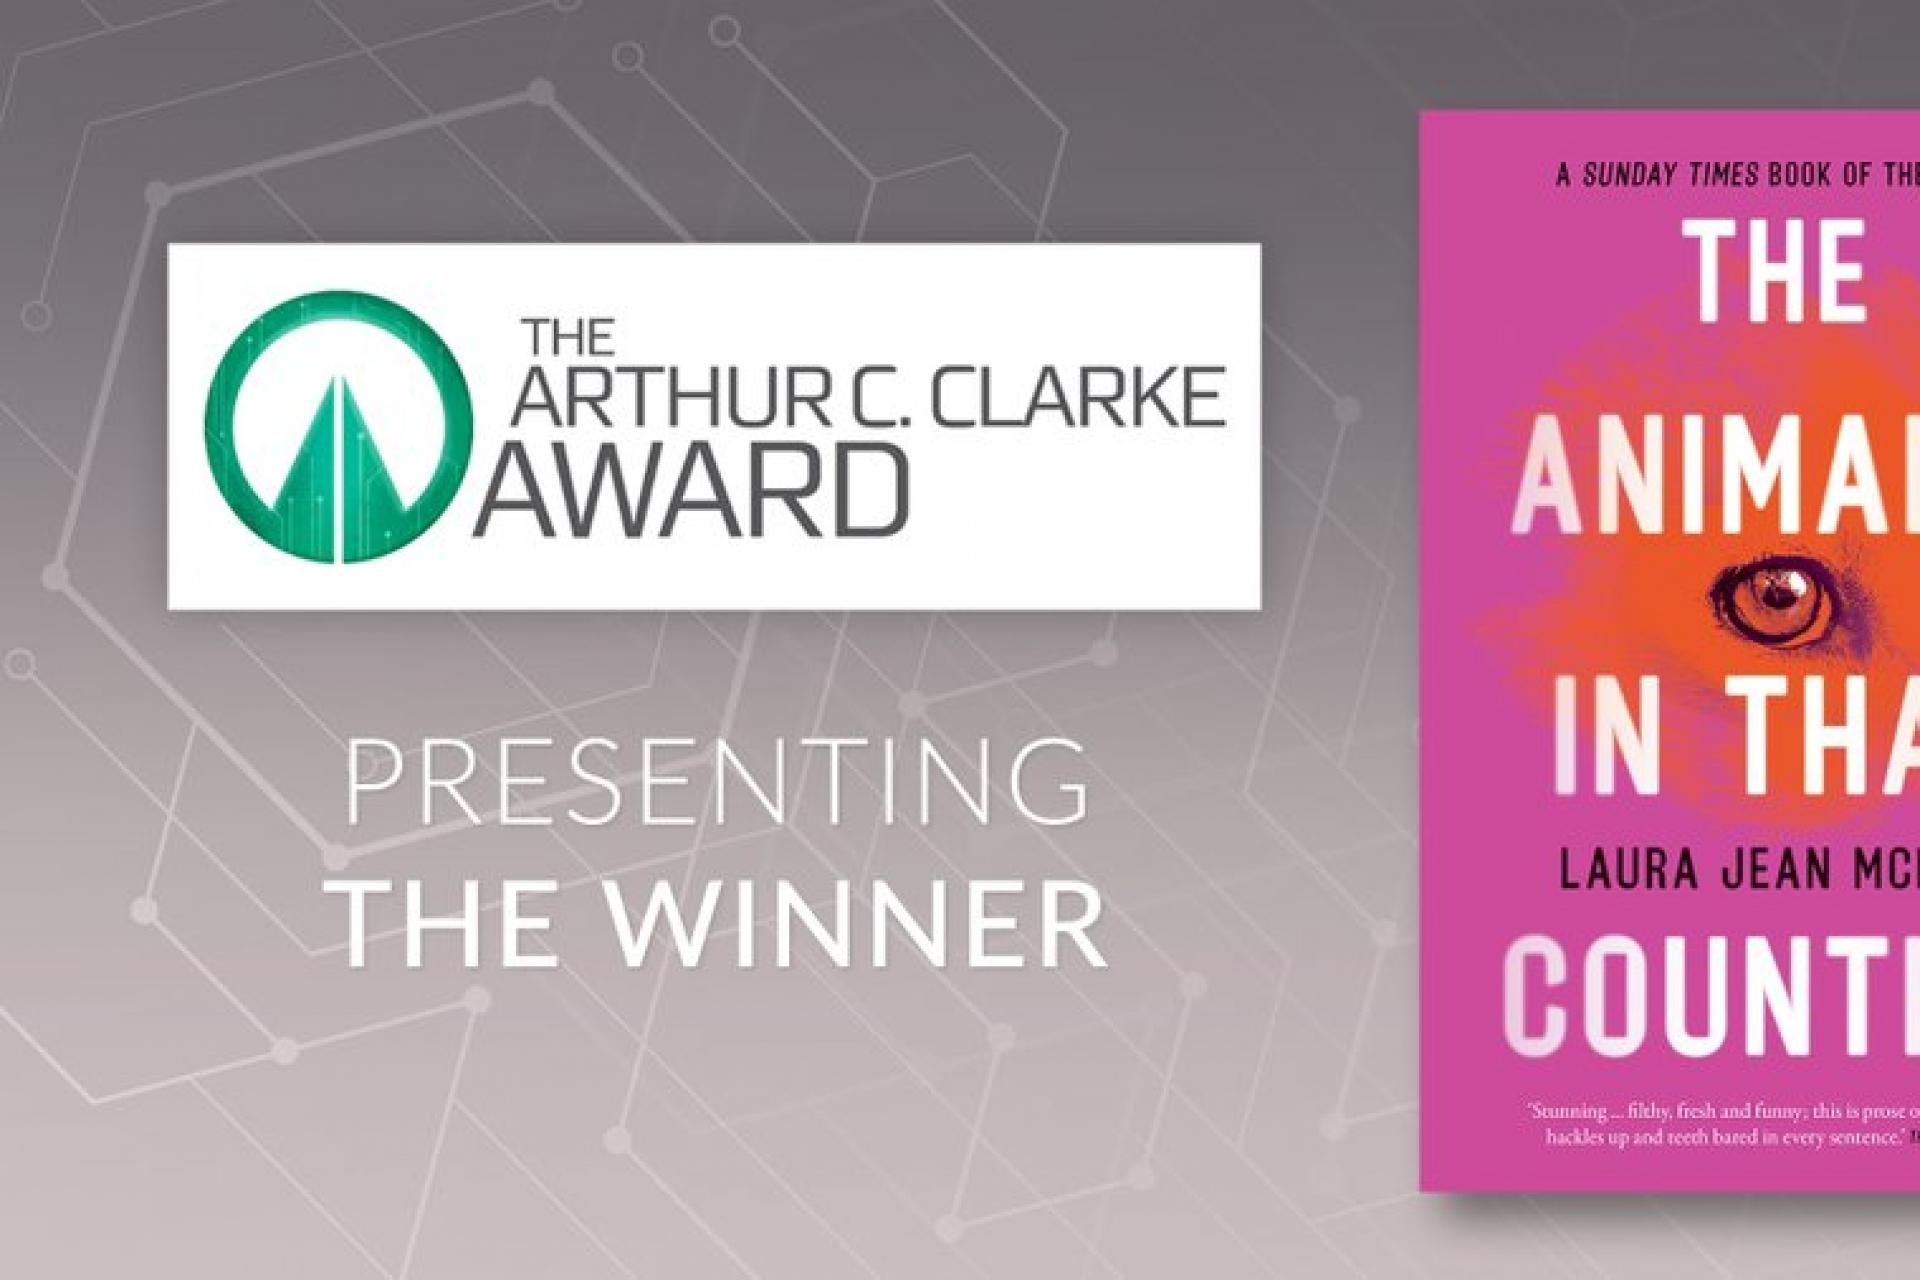 Arthur C. Clarke 2021 Award Winner Revealed for best science fiction novel